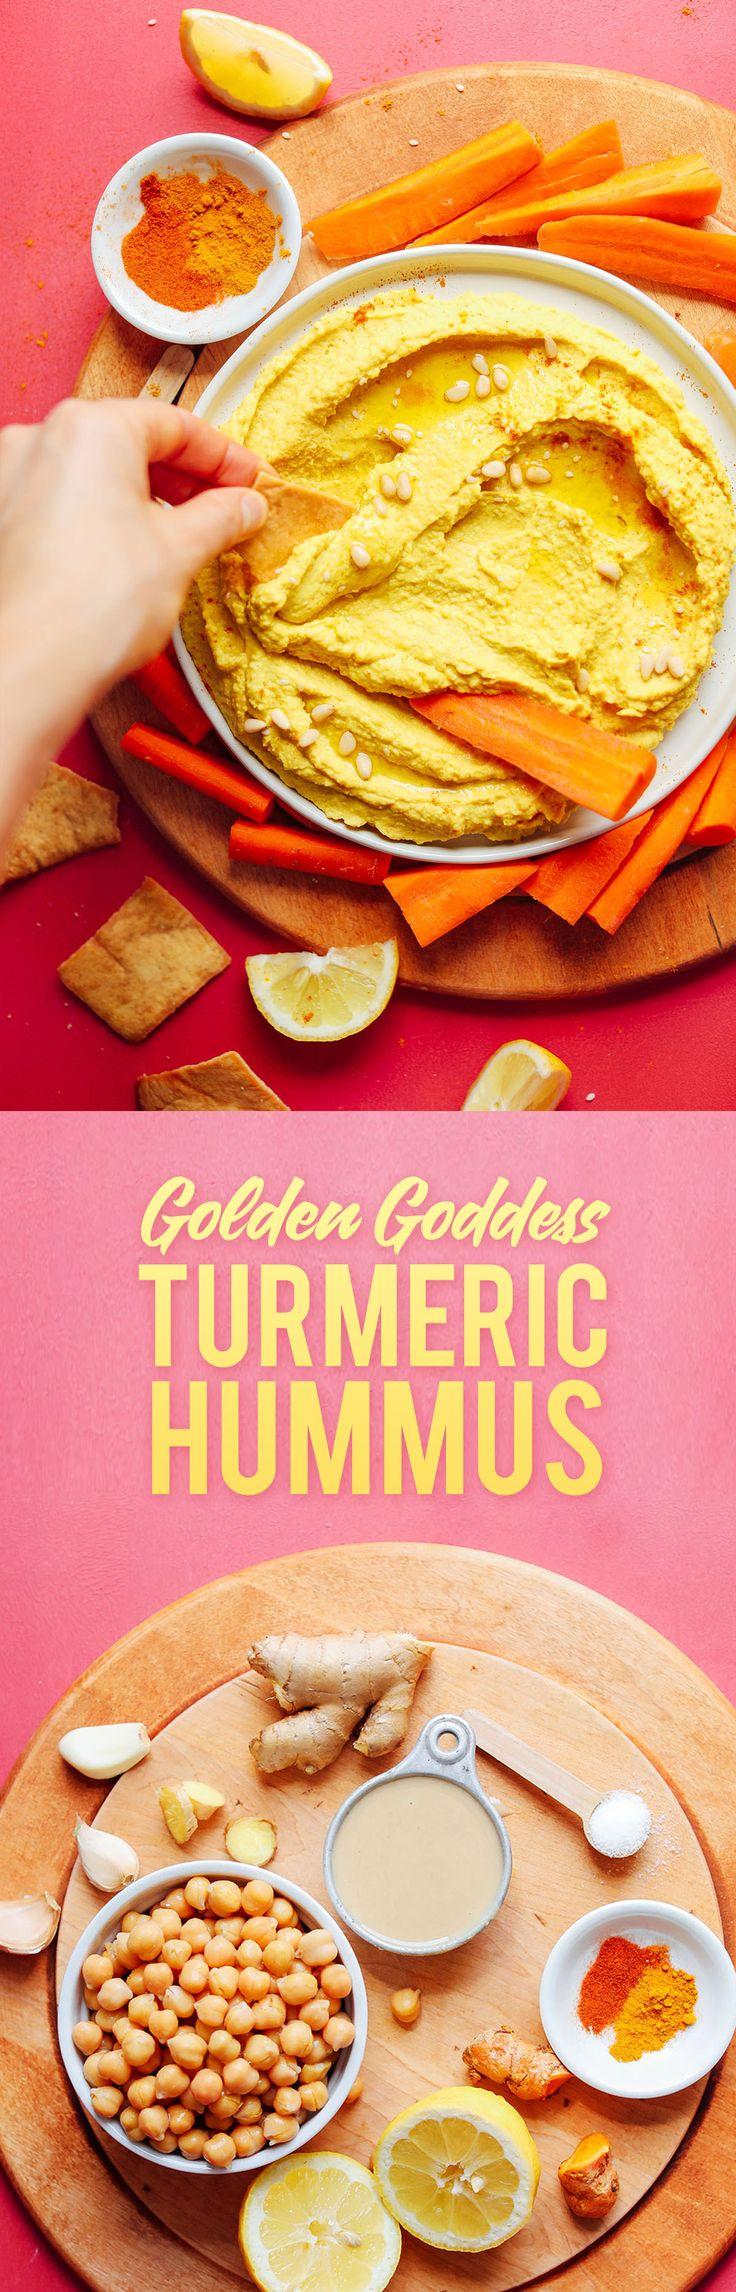 GOLDEN Göttin Hummus! Kurkuma, Ingwer, Knoblauch, Kichererbsen! 30 Minuten, so lecker #vegan #glutenfree #plantbasiert #hummus #recipe #minimalistbaker